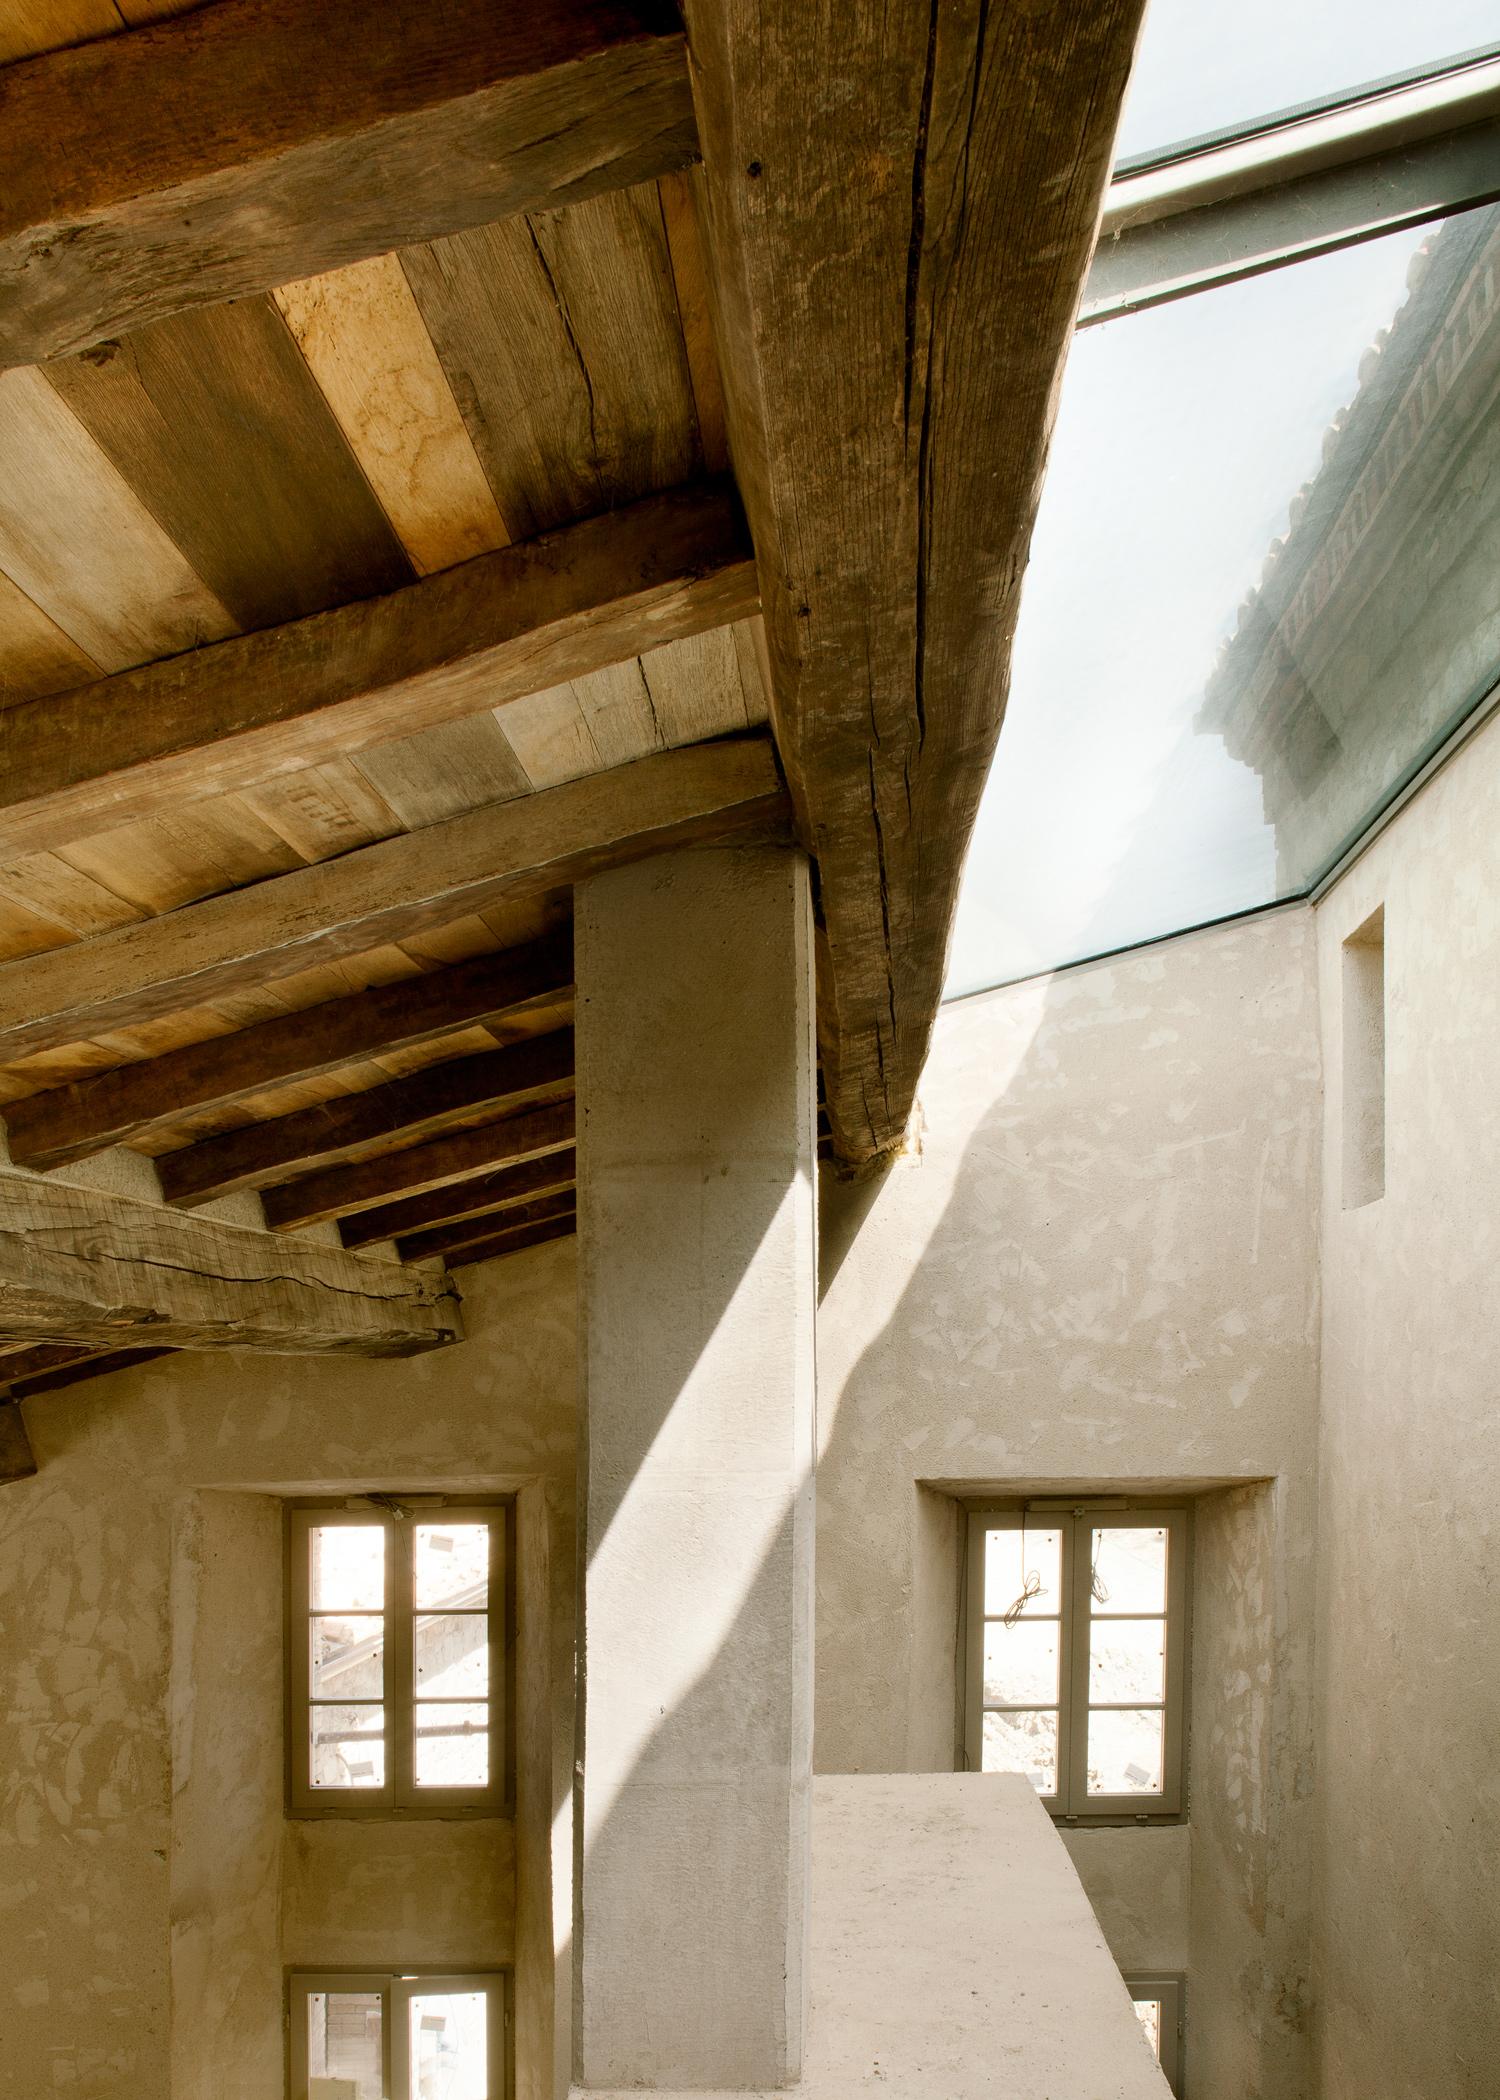 Architecture_48.jpg